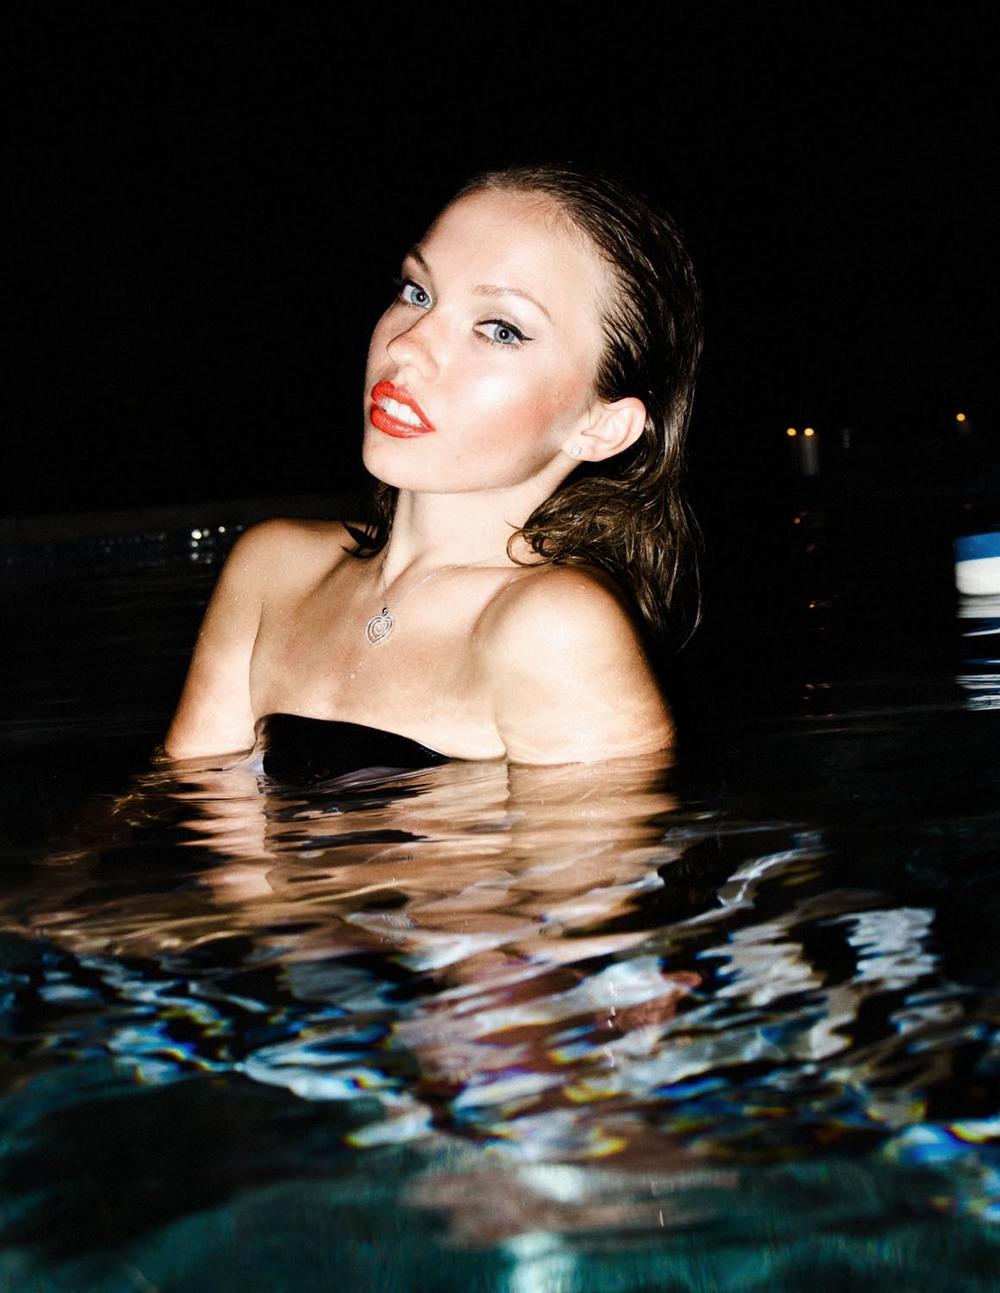 2012.07.07_Alena_Soboleva_Alena_Soboleva_180.jpg